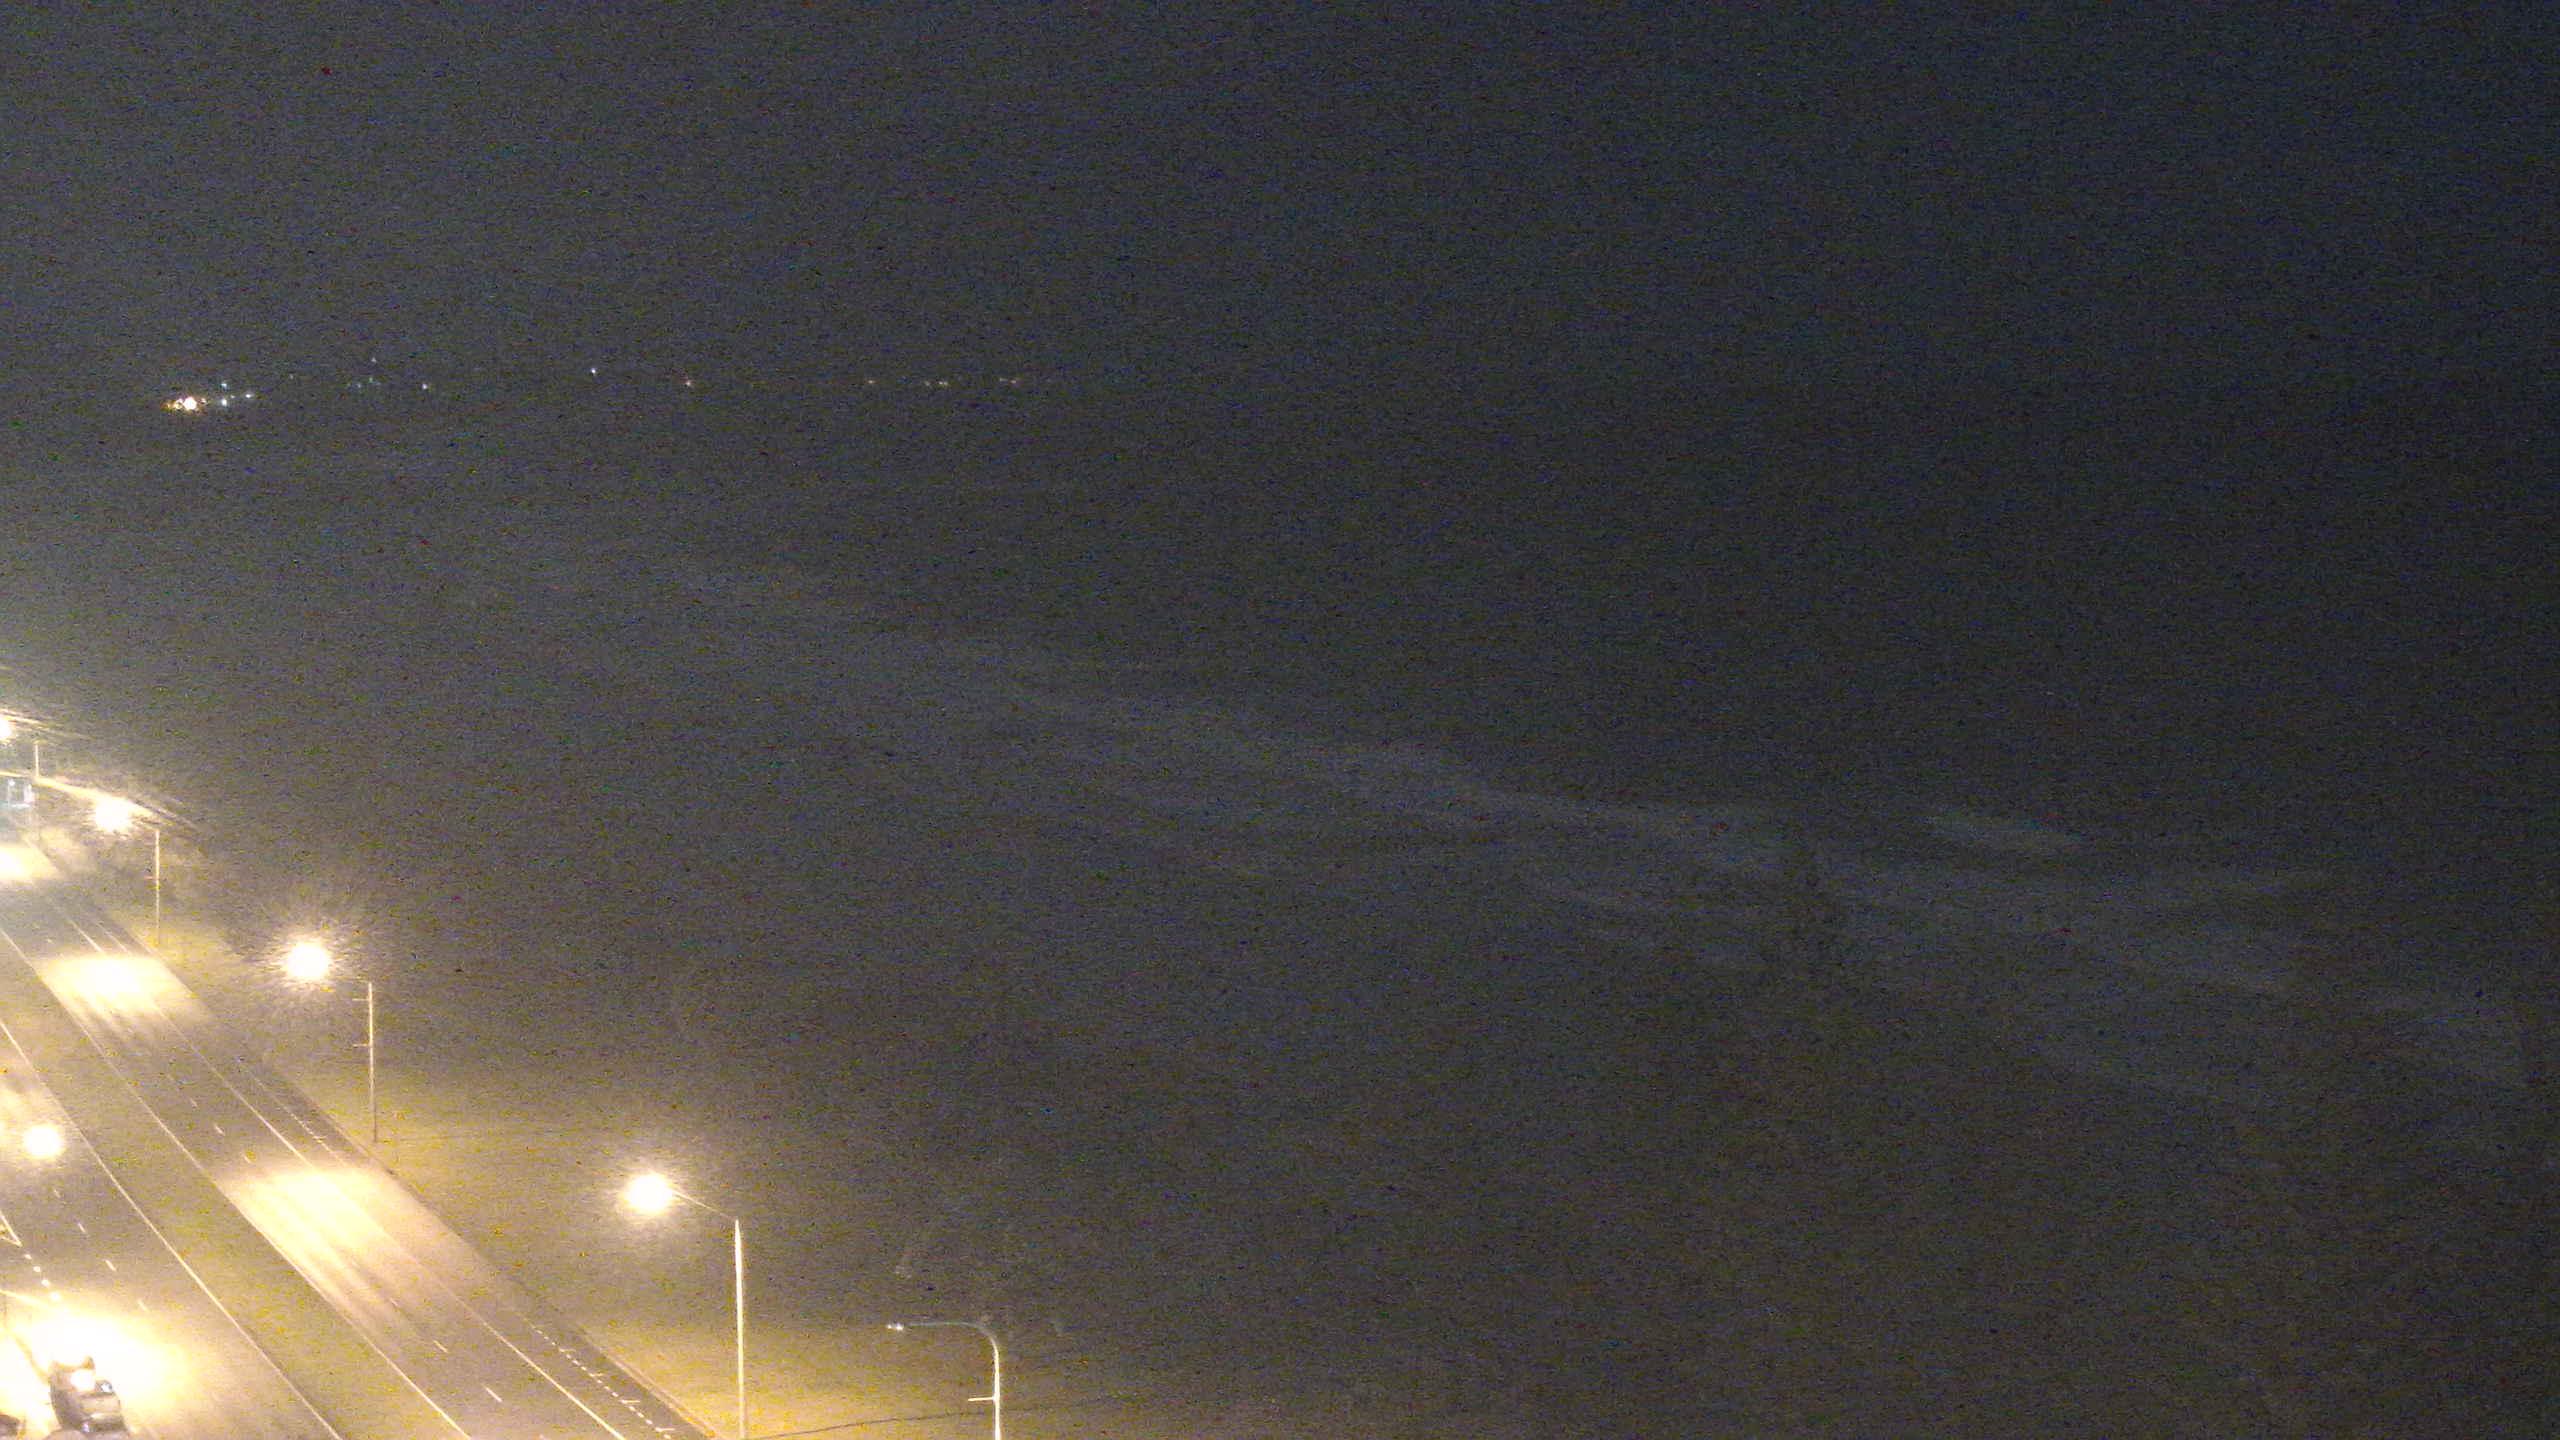 Alex Beach surfcam still image